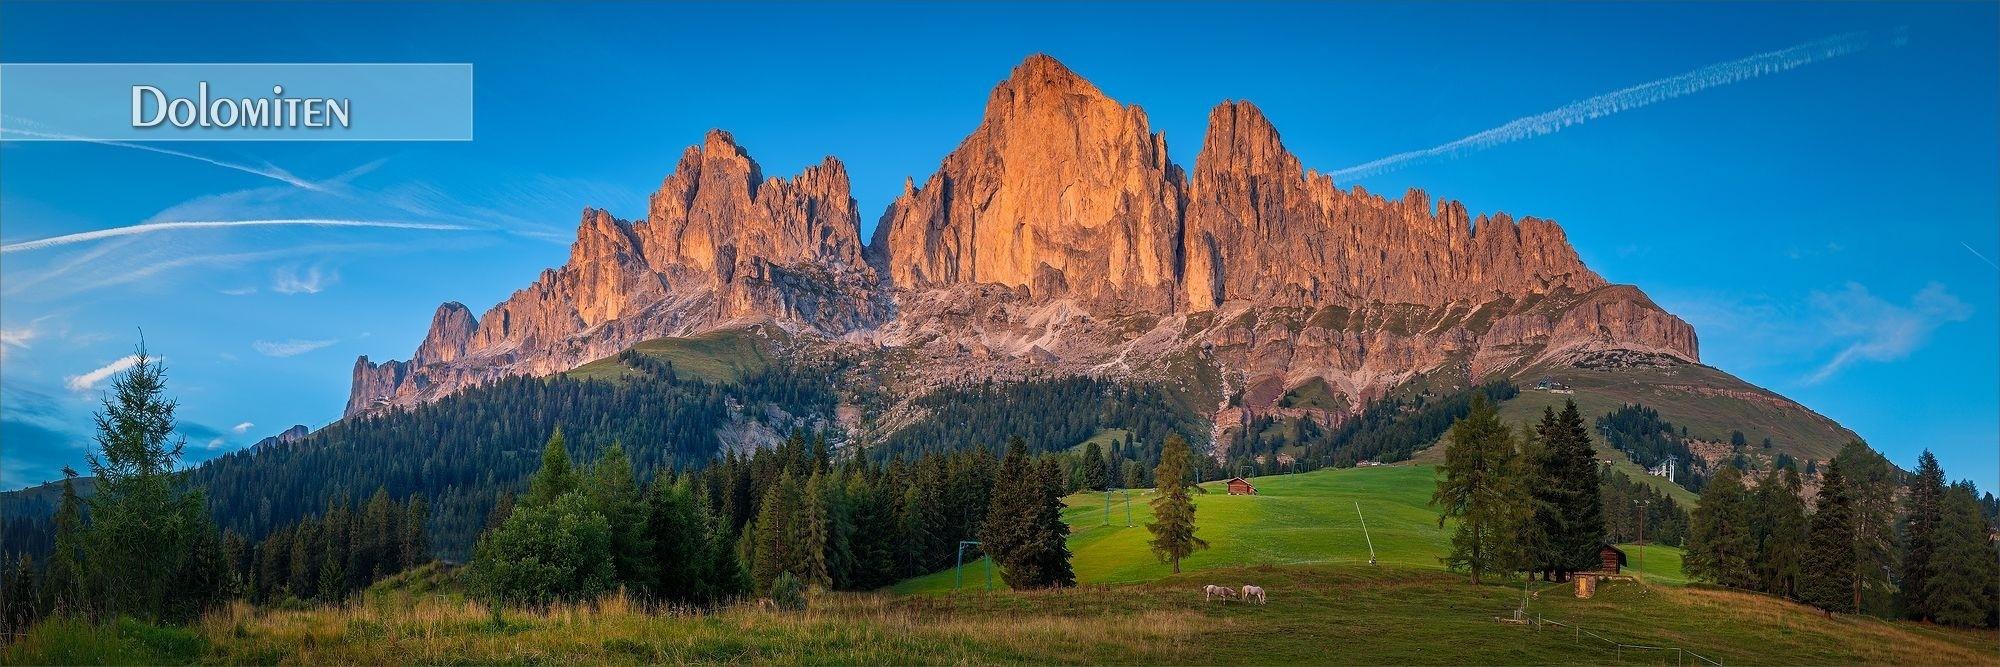 Bilder als Wandbild und Küchenrückwand aus den Dolomiten